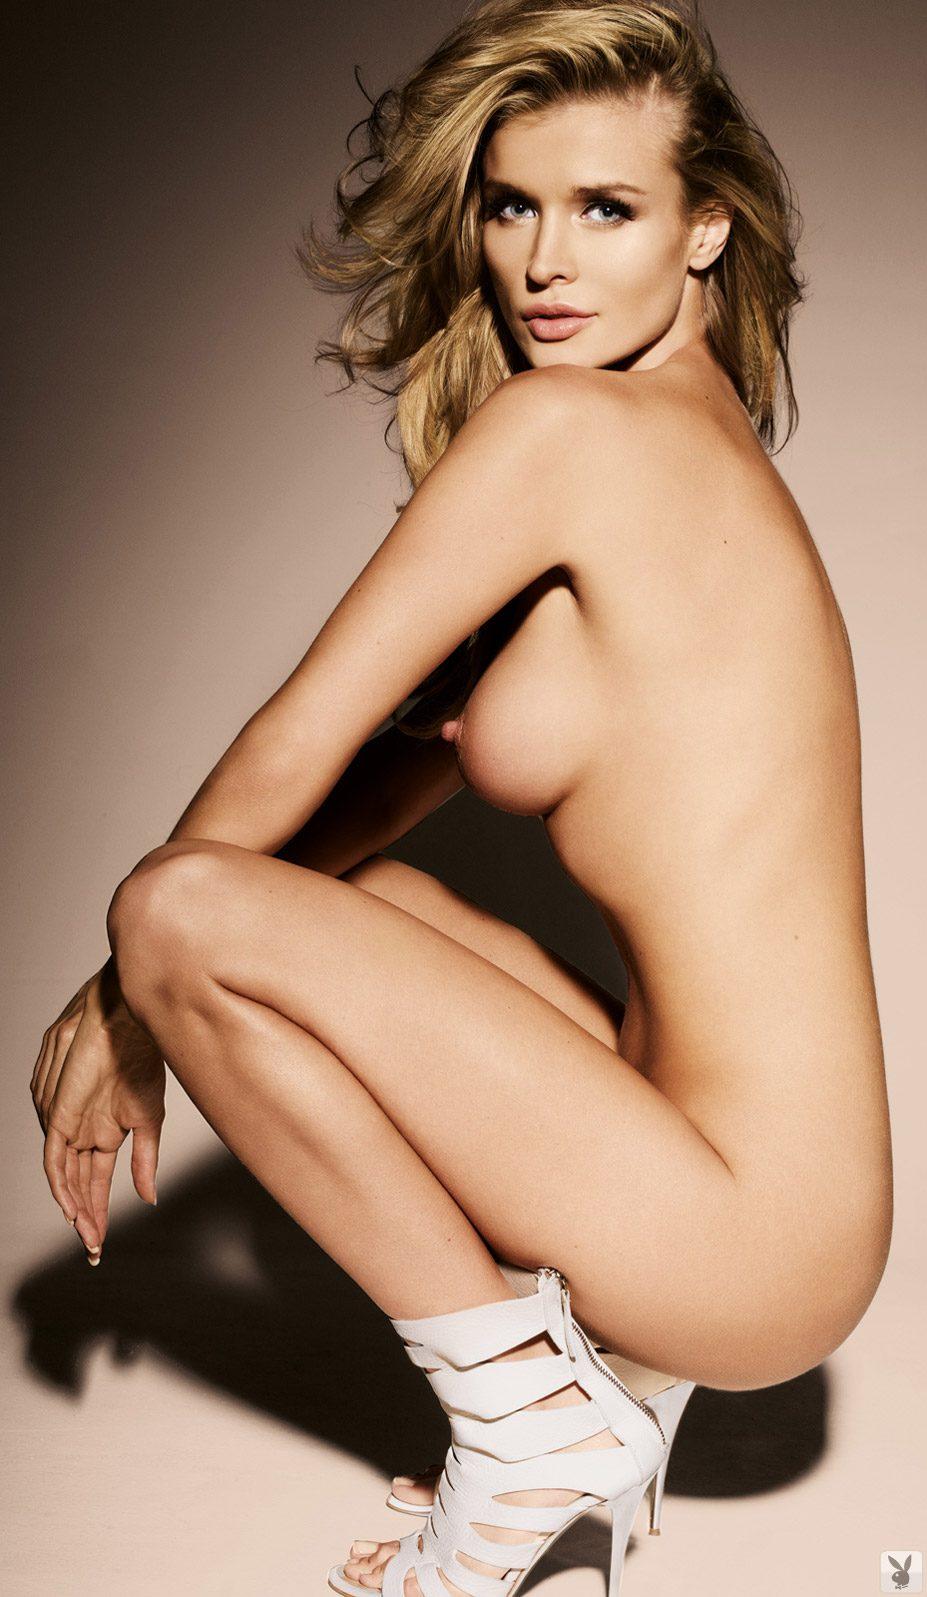 Джоанна Крупа / Joanna Krupa in Playboy